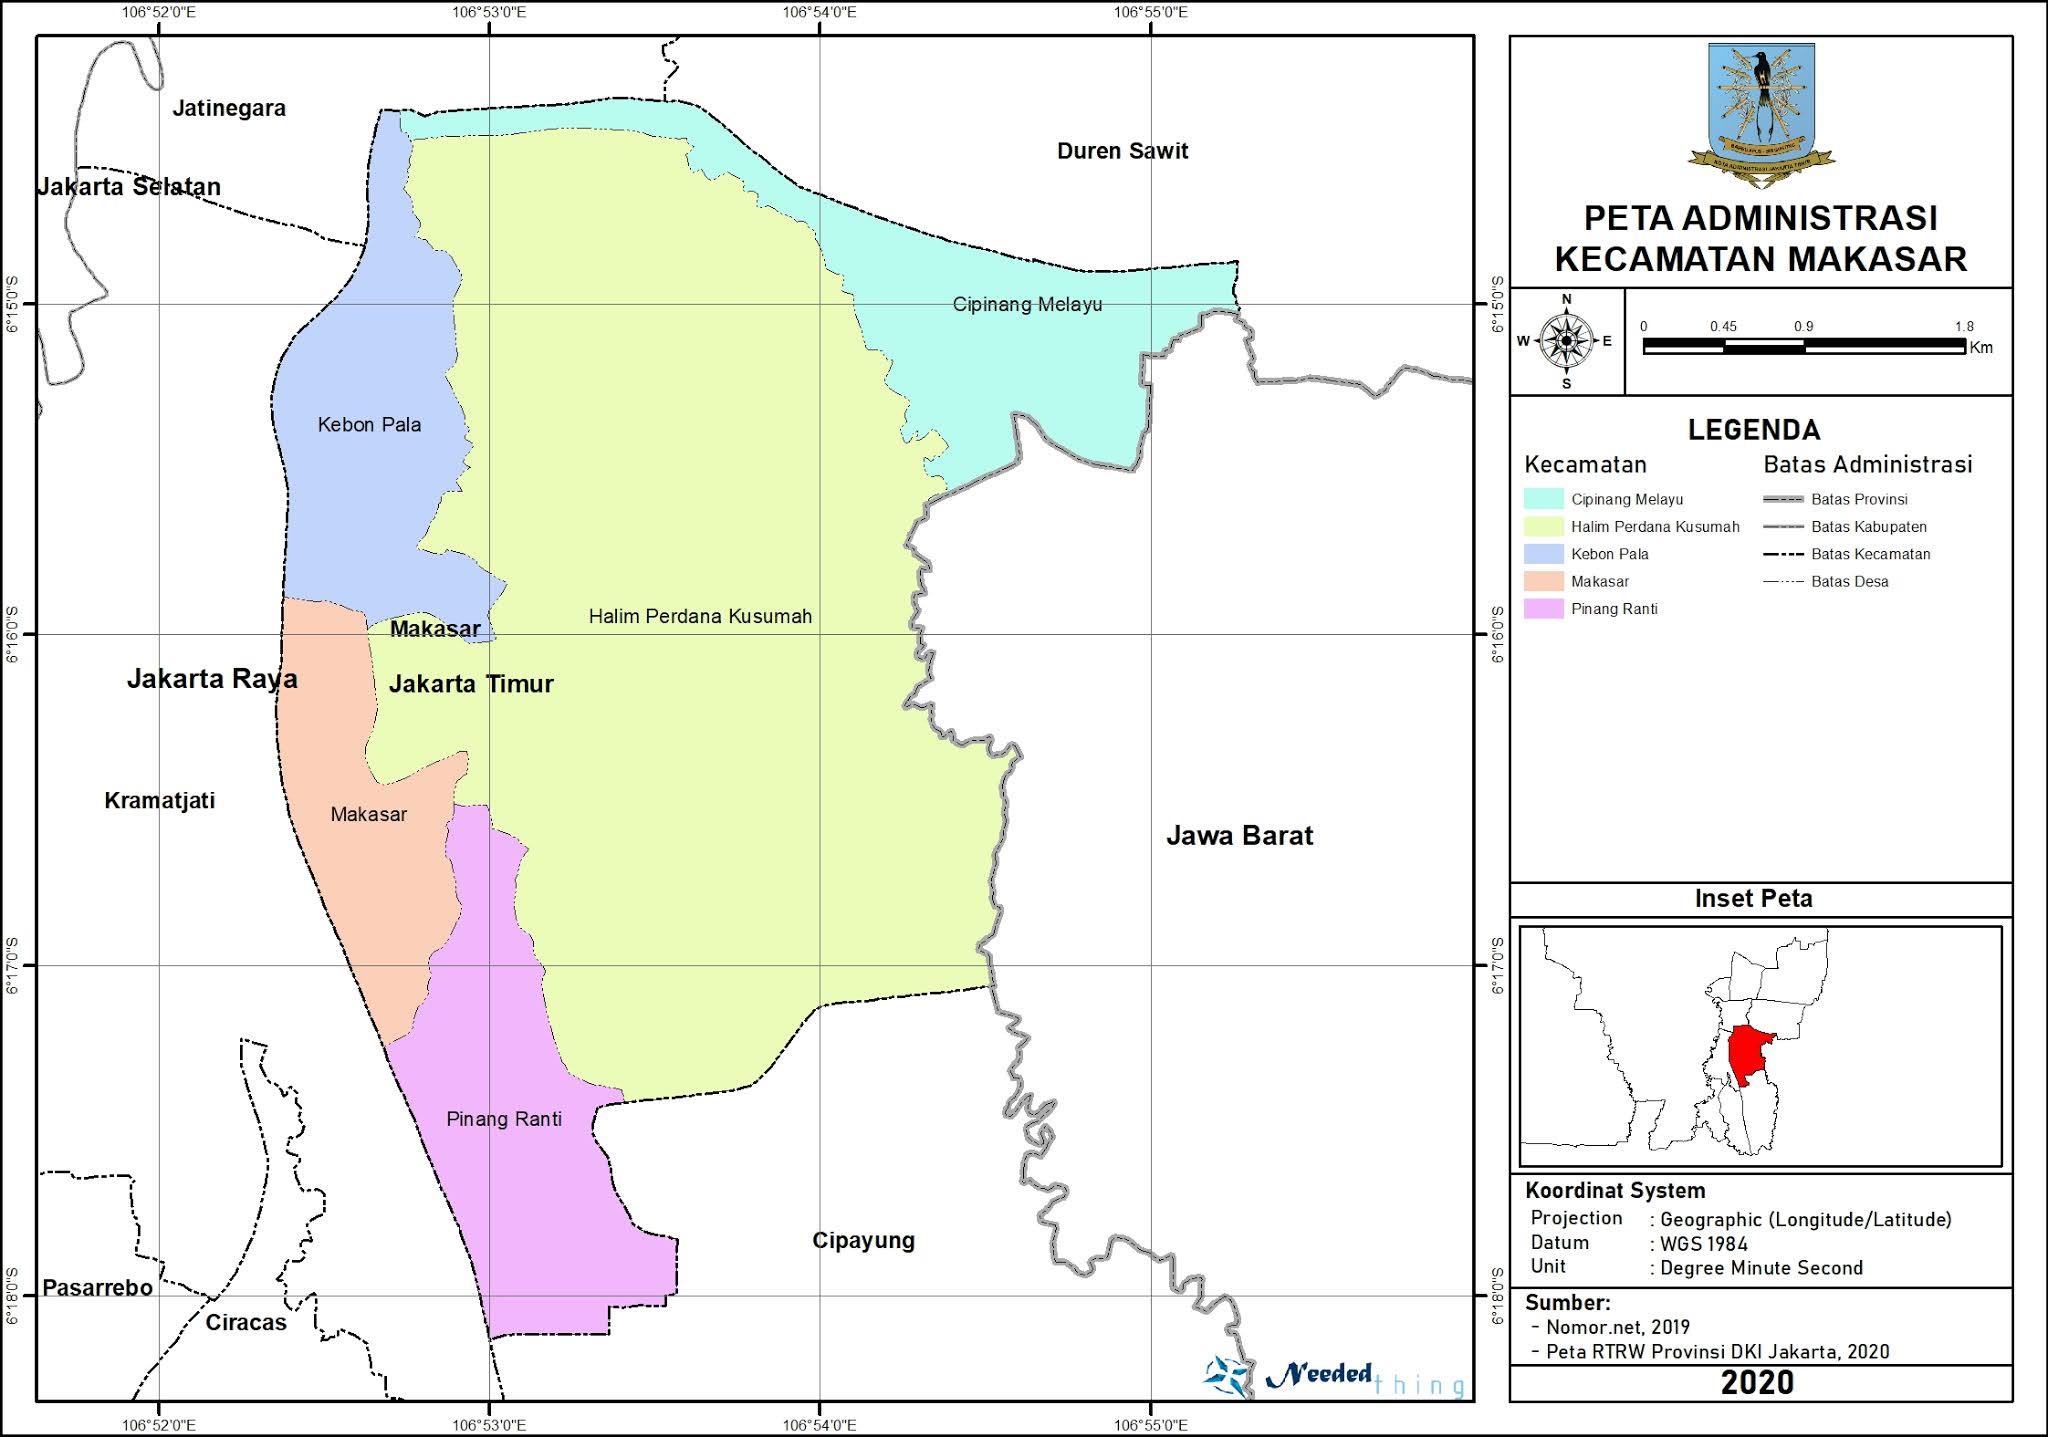 Peta Administrasi Kecamatan Makasar, Kota Jakarta Timur ...